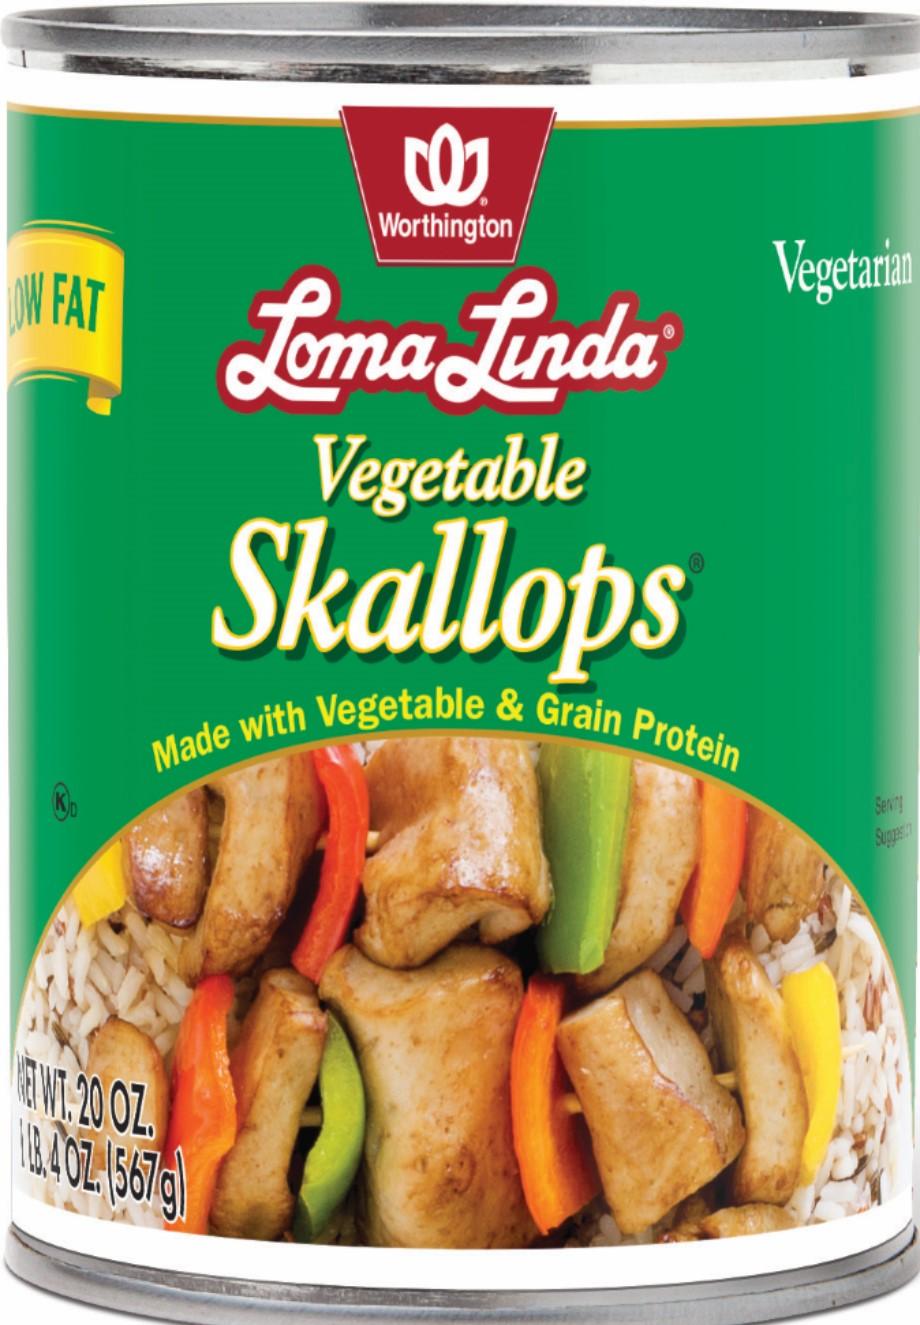 VEGETABLE SKALLOPS LOW FAT,WORTHINGTON LF,4556100063